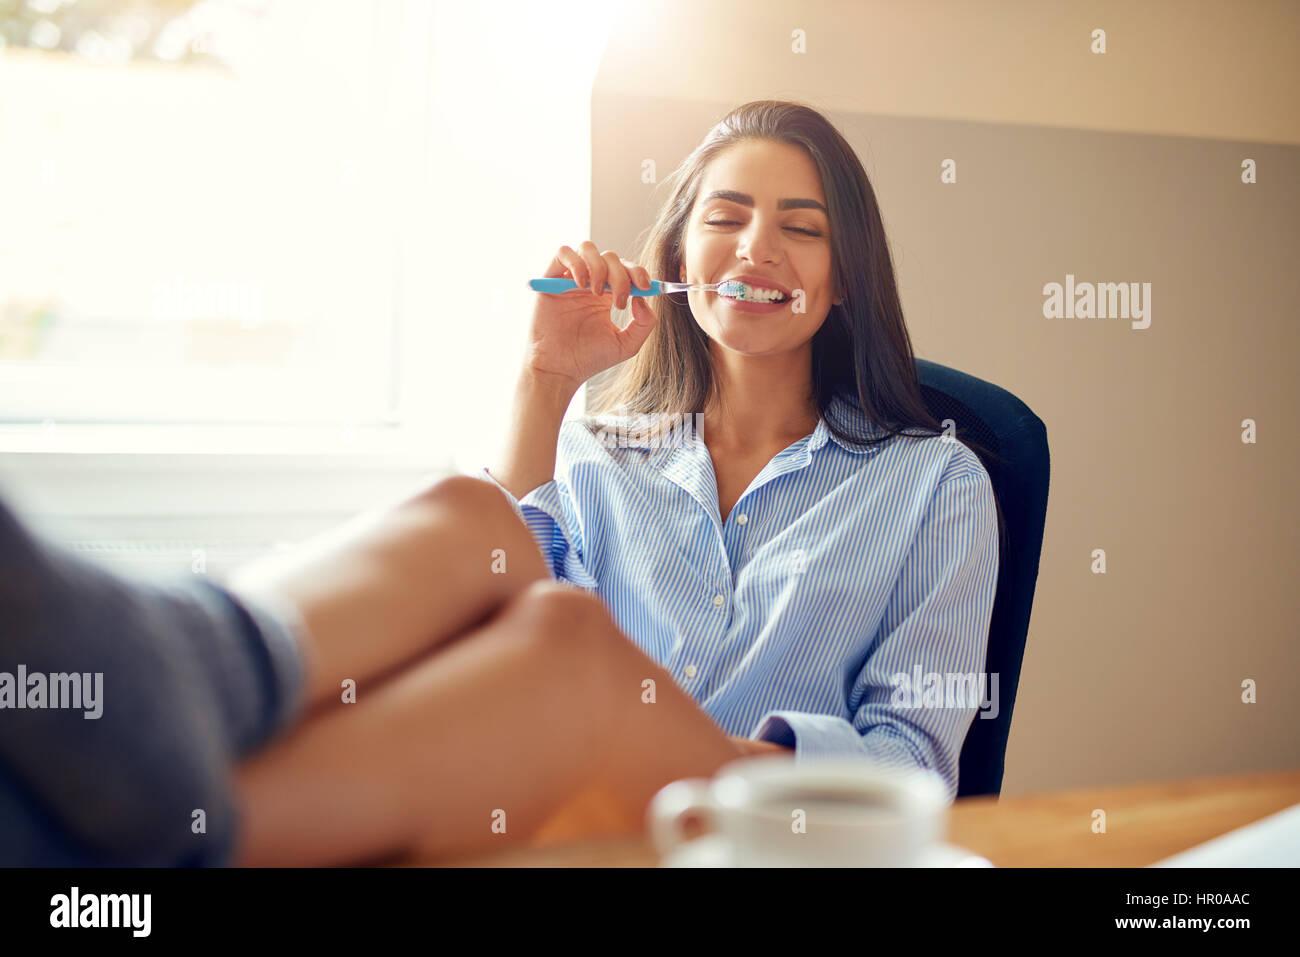 Felice rilassata giovane imprenditrice con i suoi piedi sulla scrivania e una tazza di caffè a lavorare in Immagini Stock